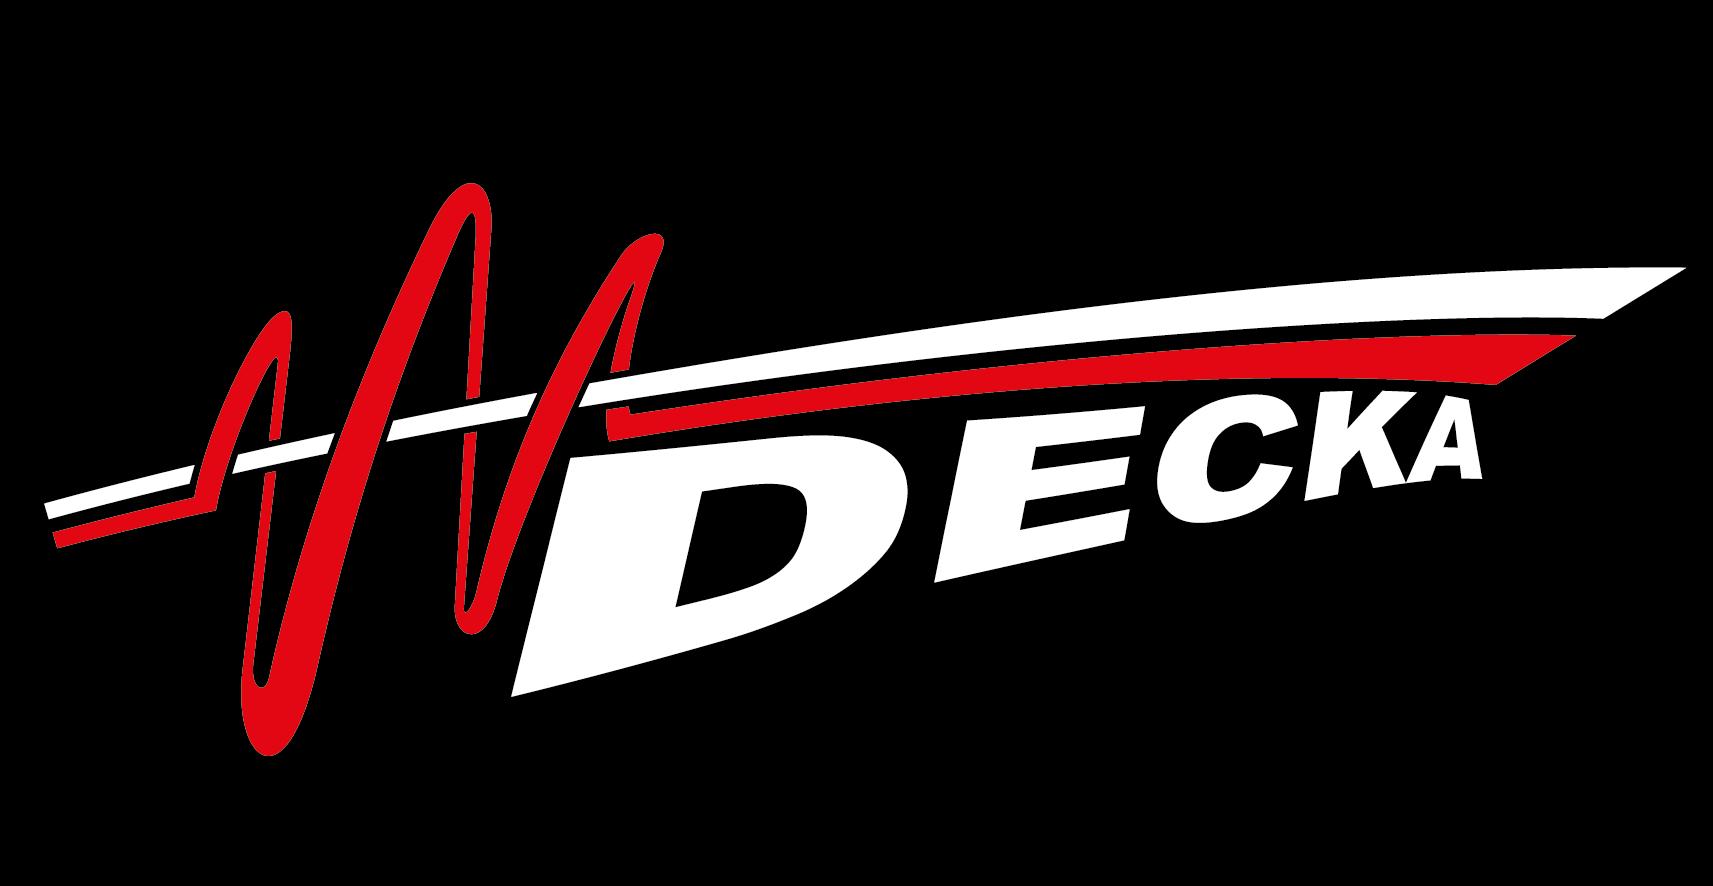 http://deckapelplin.pl/wp-content/uploads/2020/07/tuh-decka-logo-01.png